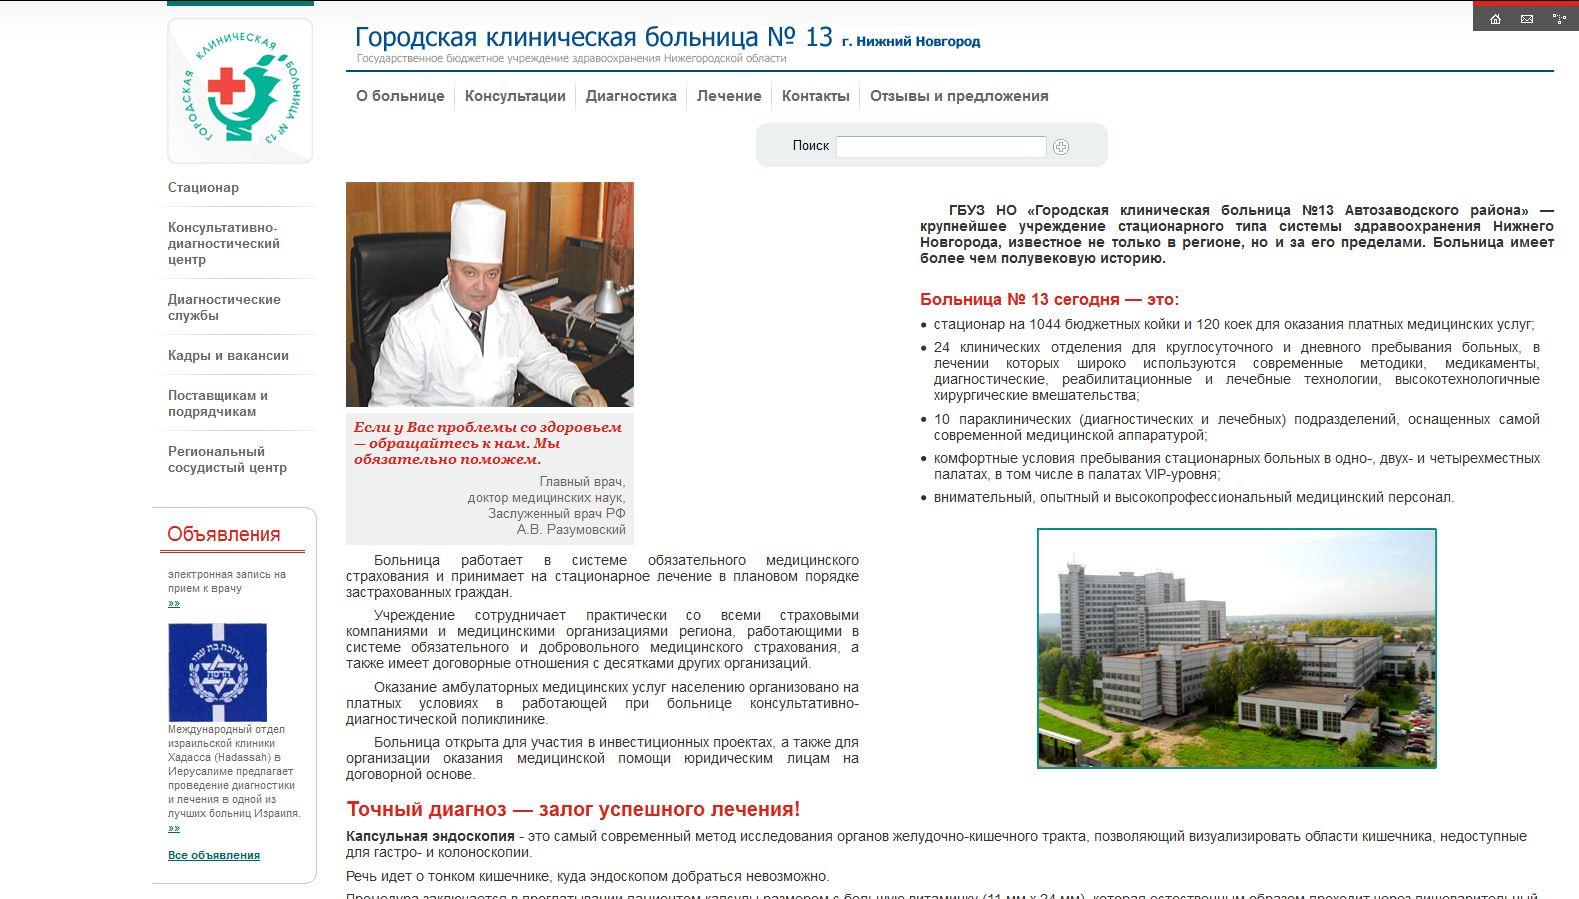 bolniza13.nnov.ru